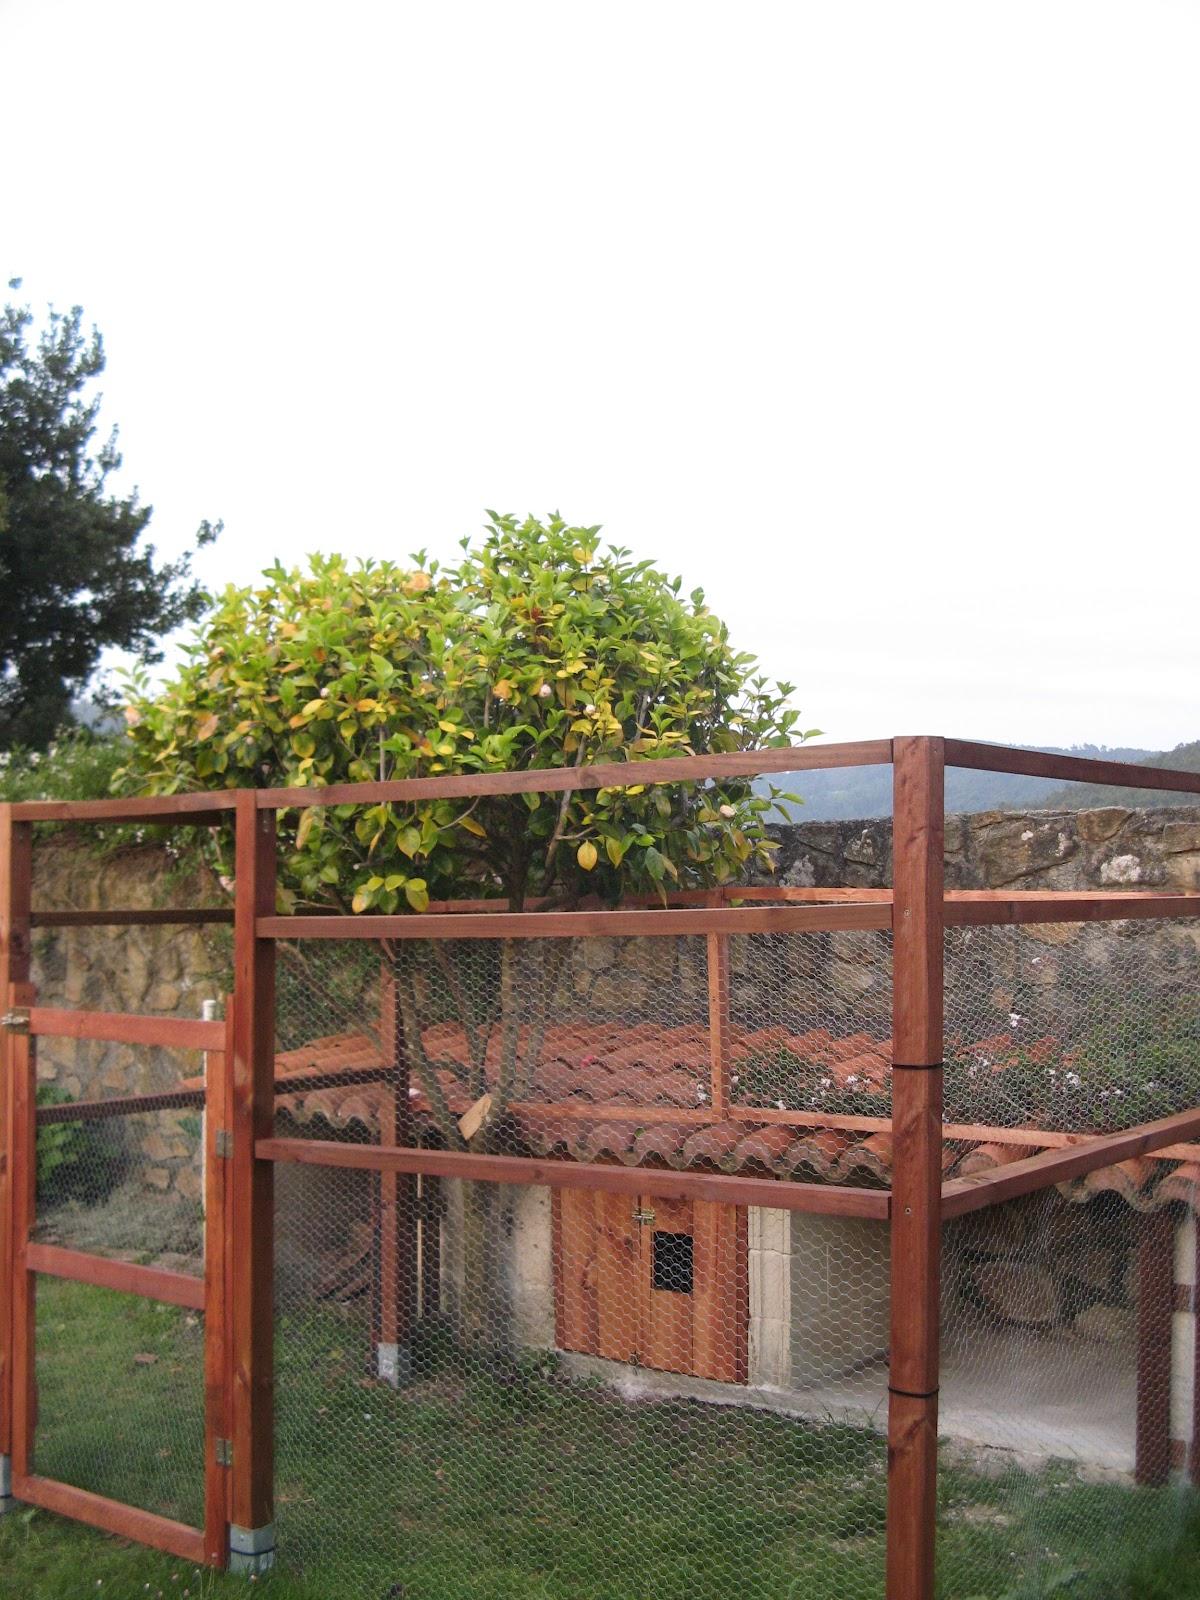 Diario de mi jard n el gallinero the chiken coop for Gallinero jardin